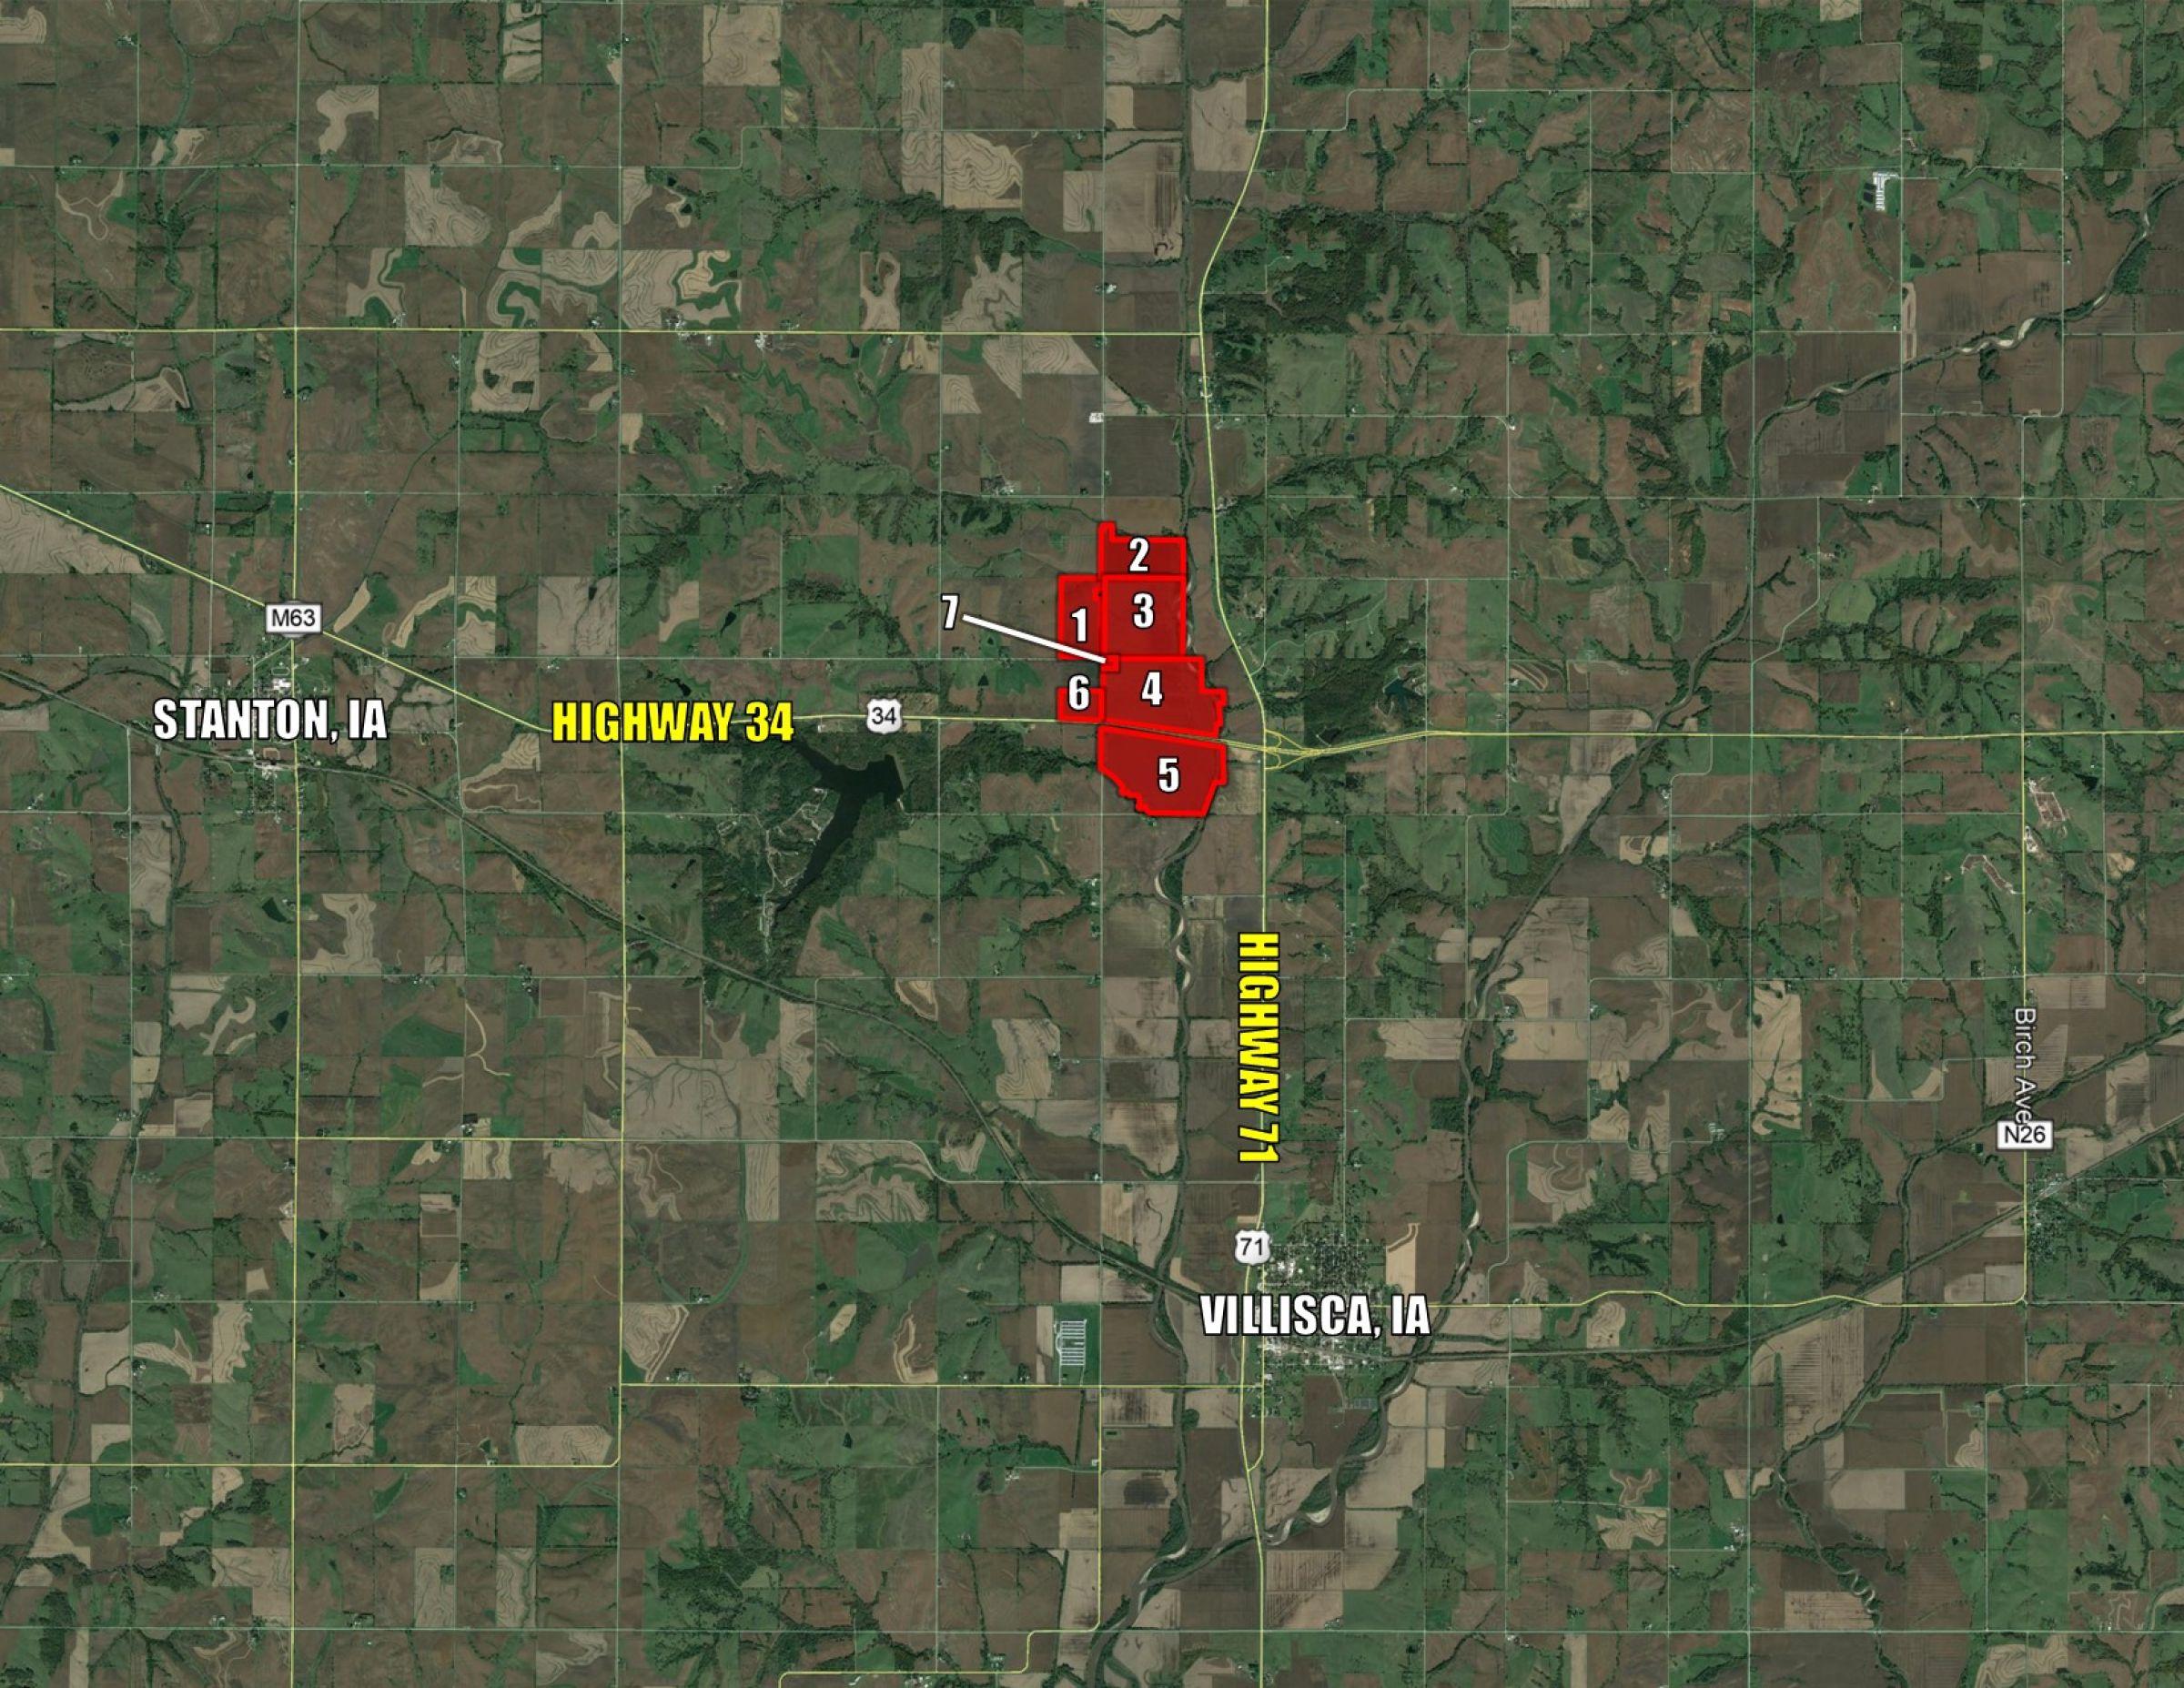 6-highway-34-t-avenue-villisca-50864-0-2021-09-14-201159.jpg